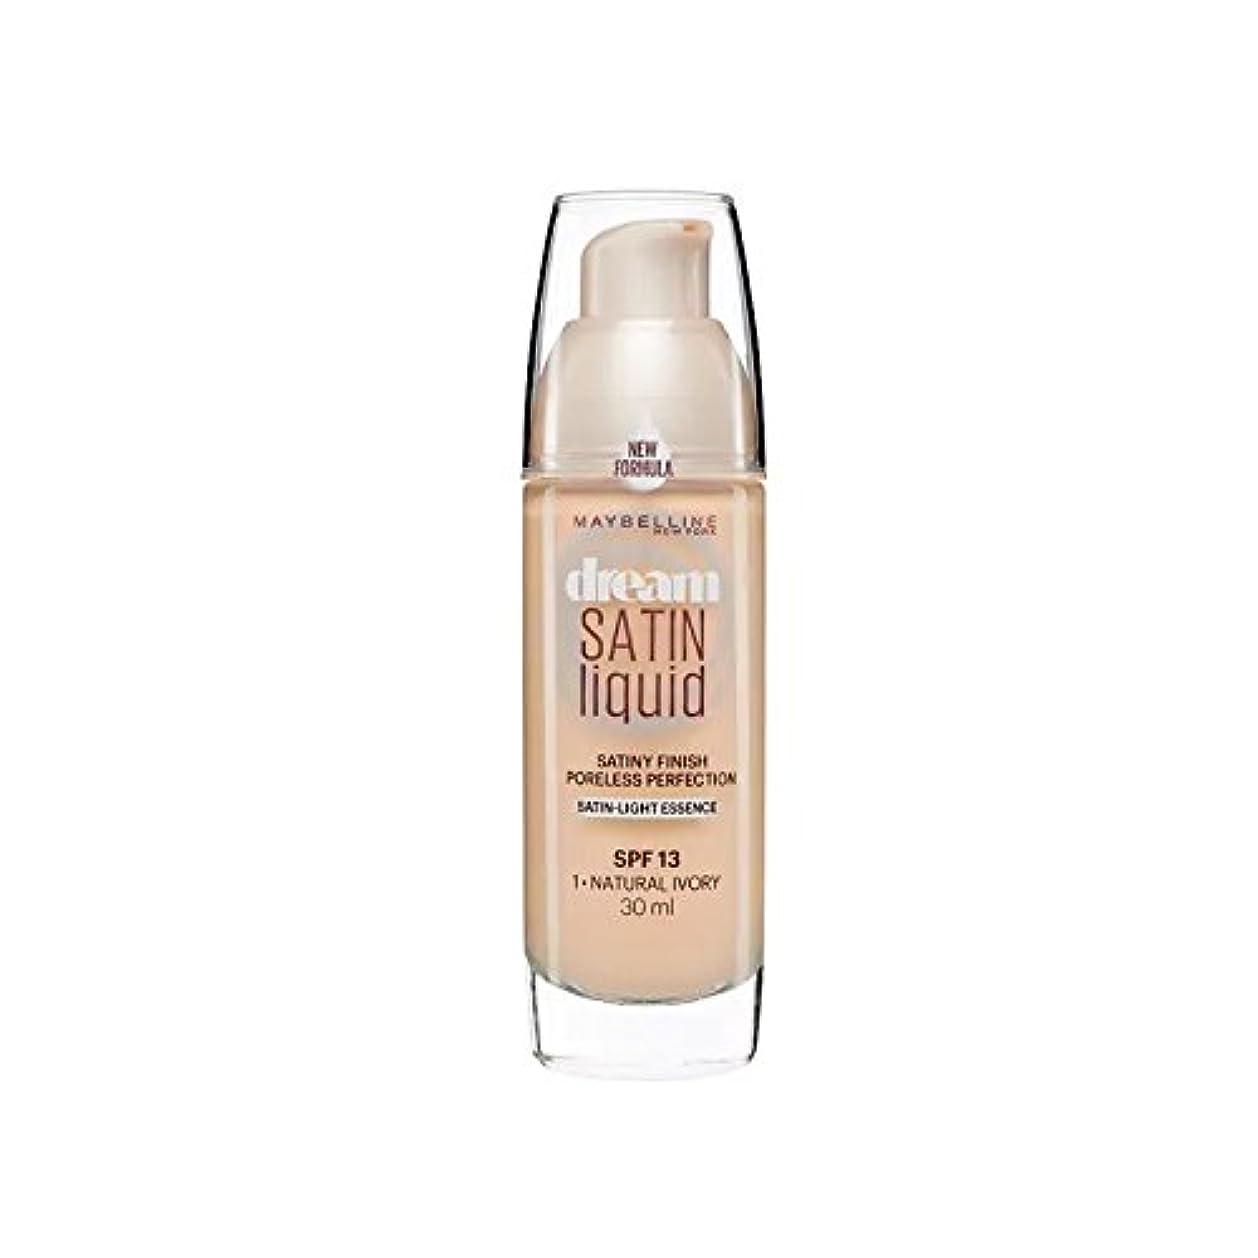 事実寄生虫ティッシュMaybelline Dream Satin Liquid Foundation Natural Ivory 30ml (Pack of 6) - メイベリンの夢のサテンリキッドファンデーションナチュラルアイボリー30ミリリットル...